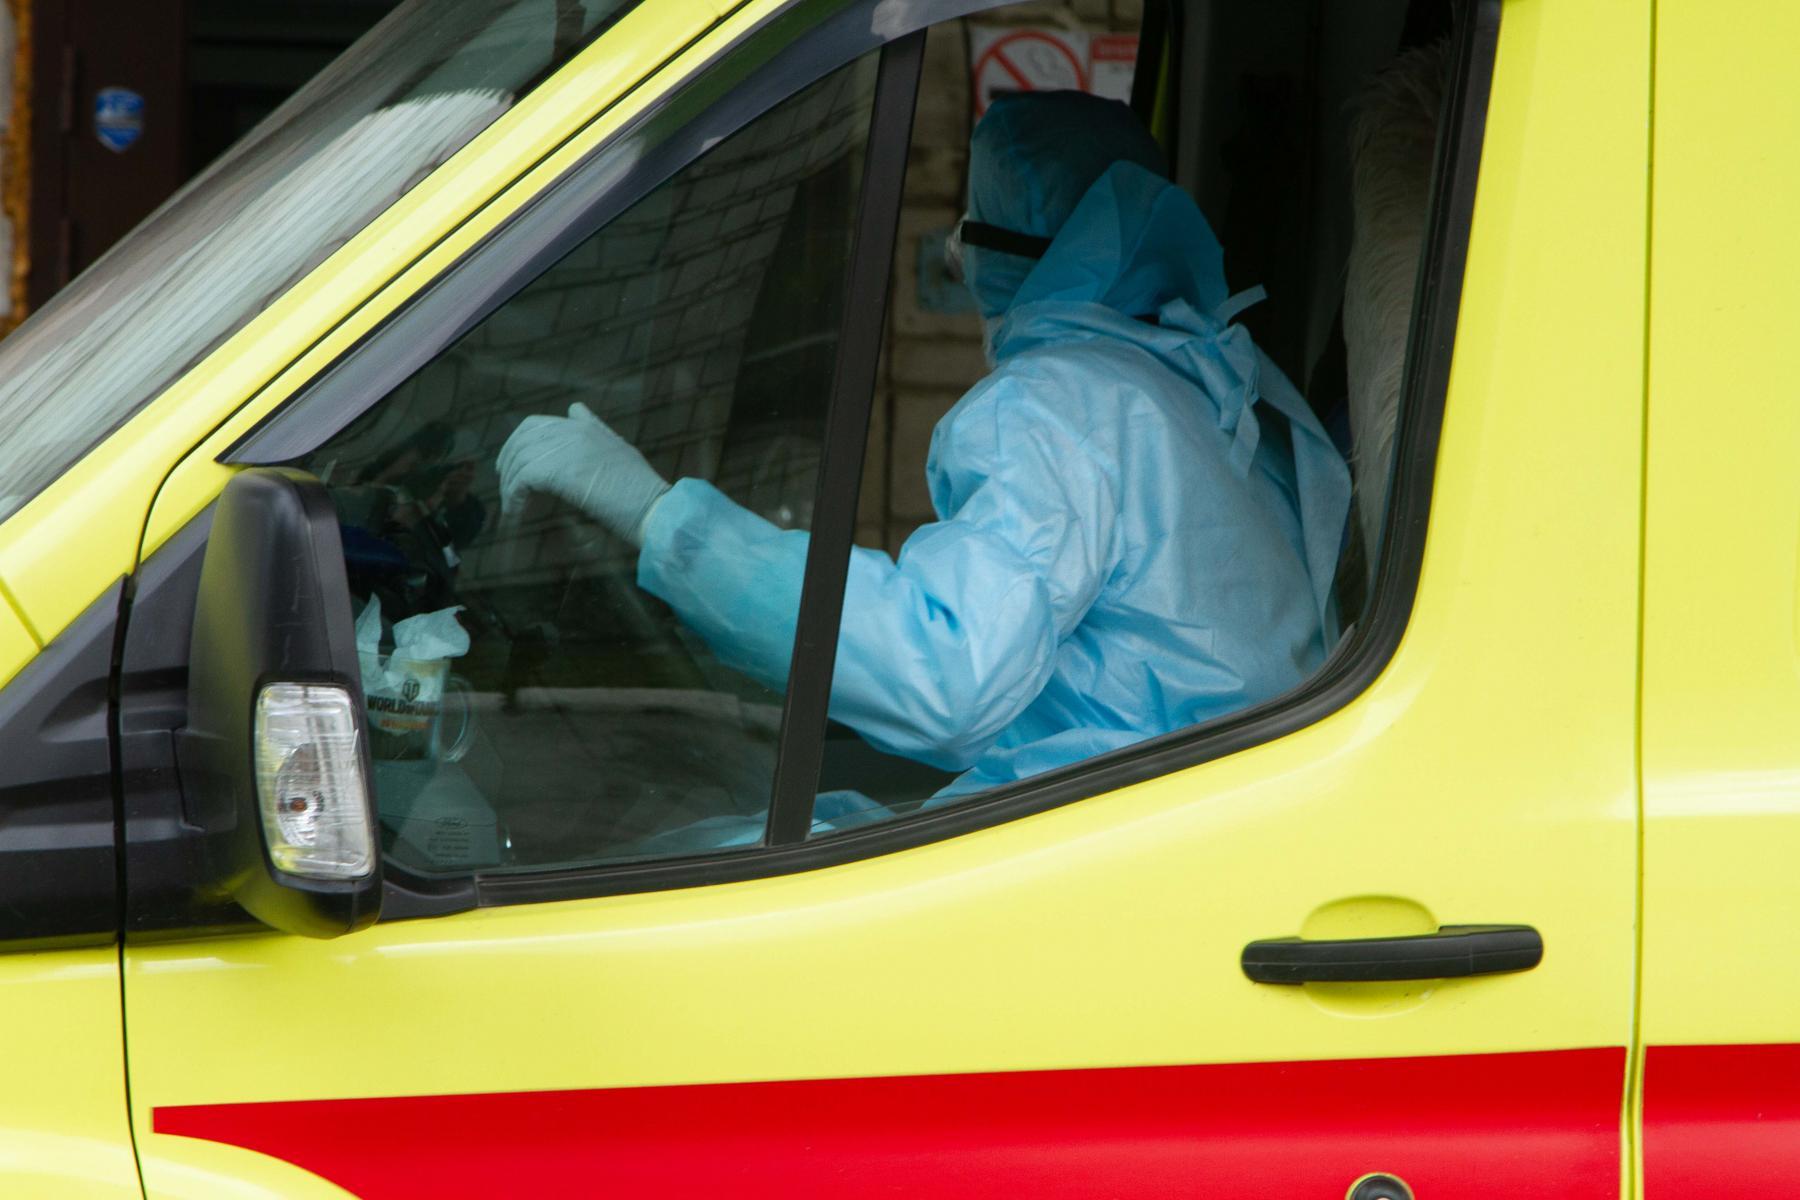 фото «Тяжёлых без очереди»: фоторепортаж из приёмного отделения коронавирусного госпиталя в Новосибирске 13